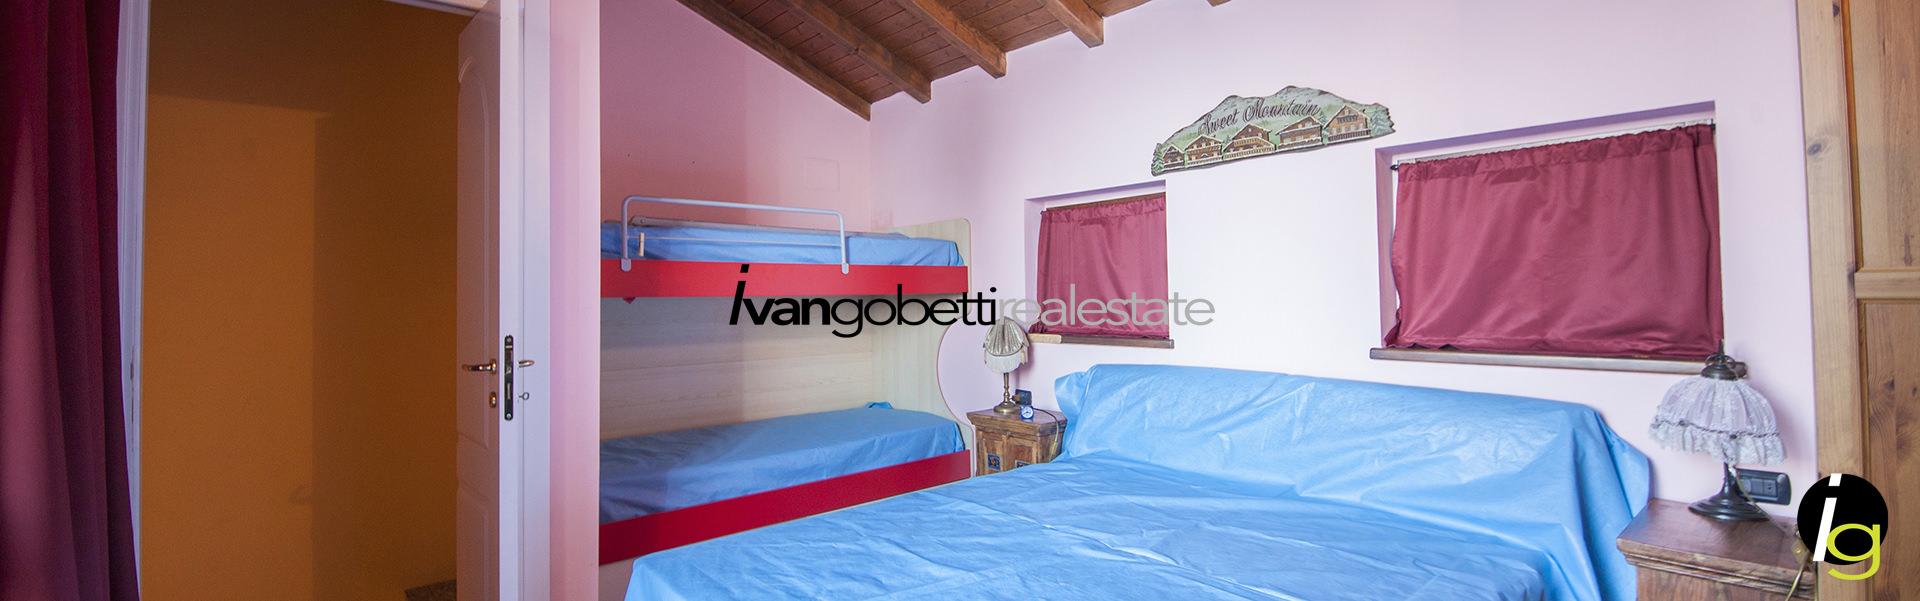 Villa in vendita Stresa Lago Maggiore